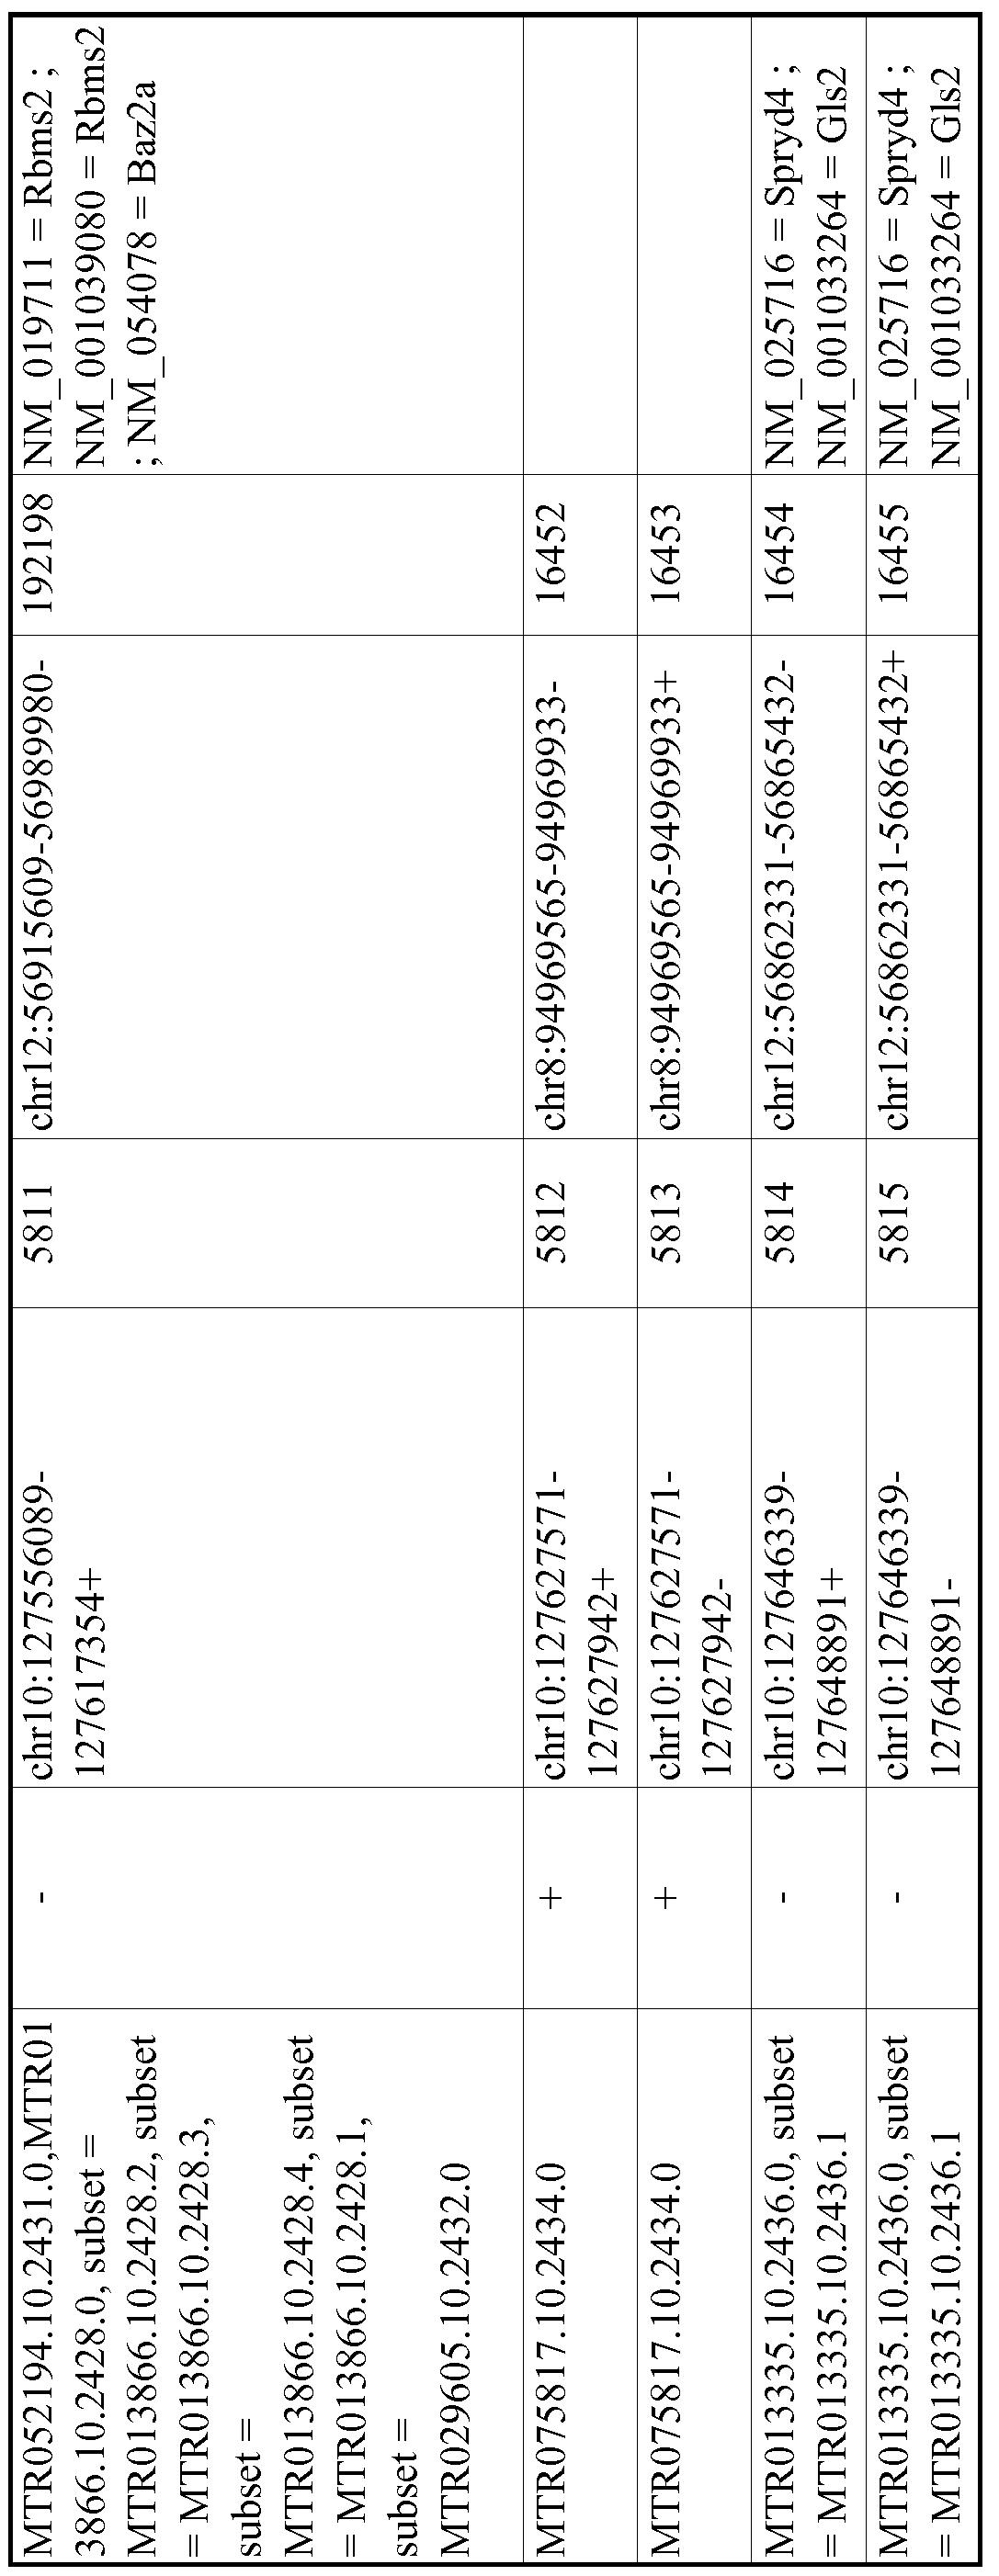 Figure imgf001050_0001